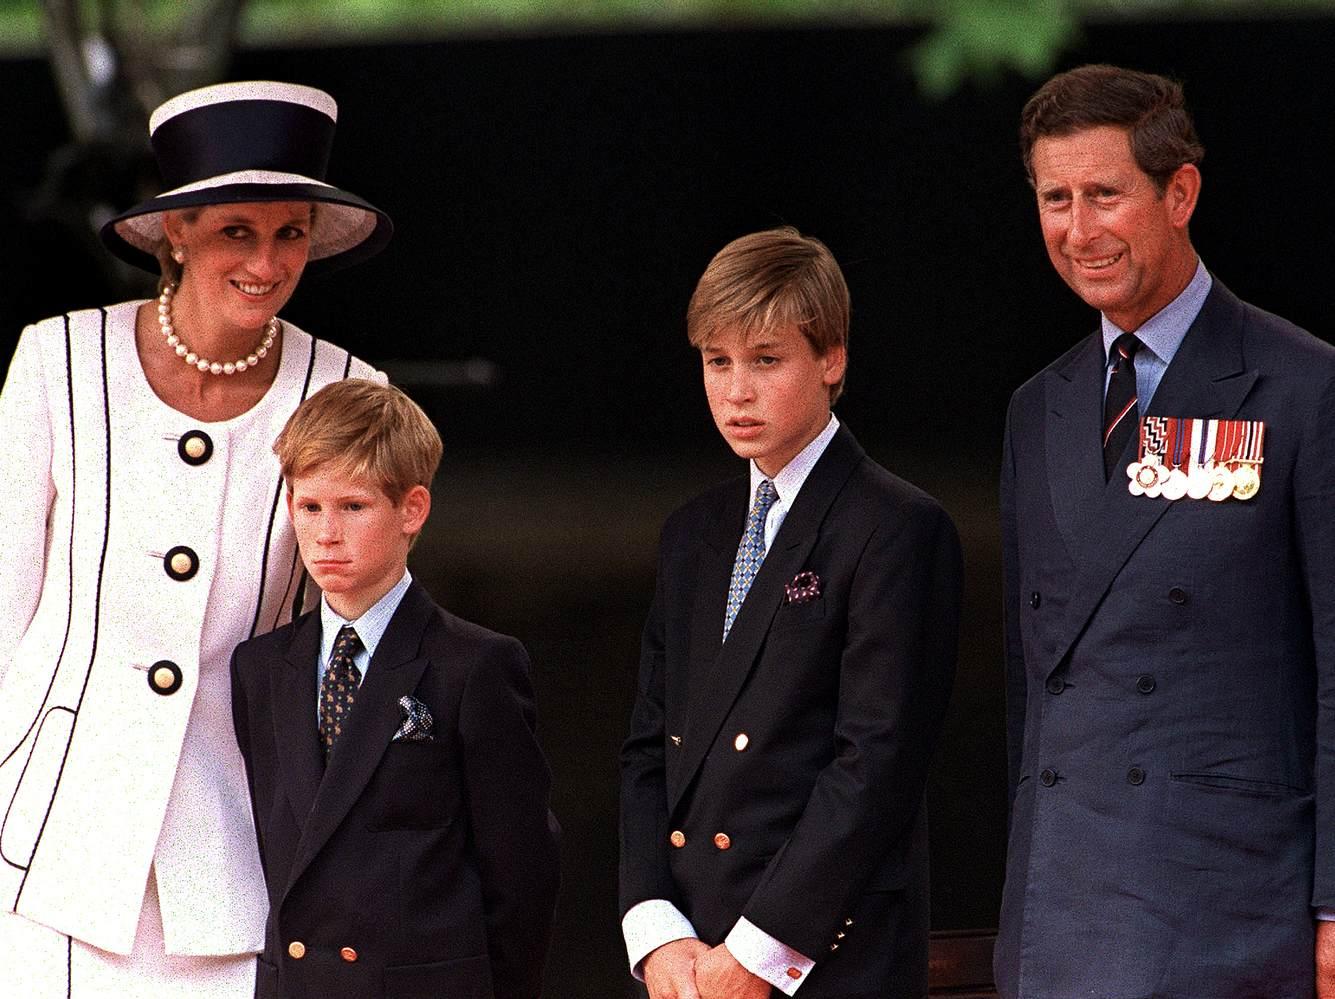 Ein Familienfoto von Lady Diana mit ihrem Ehemann Prinz Charles und ihren gemeinsamen Söhnen Prinz William sowie Prinz Harry.